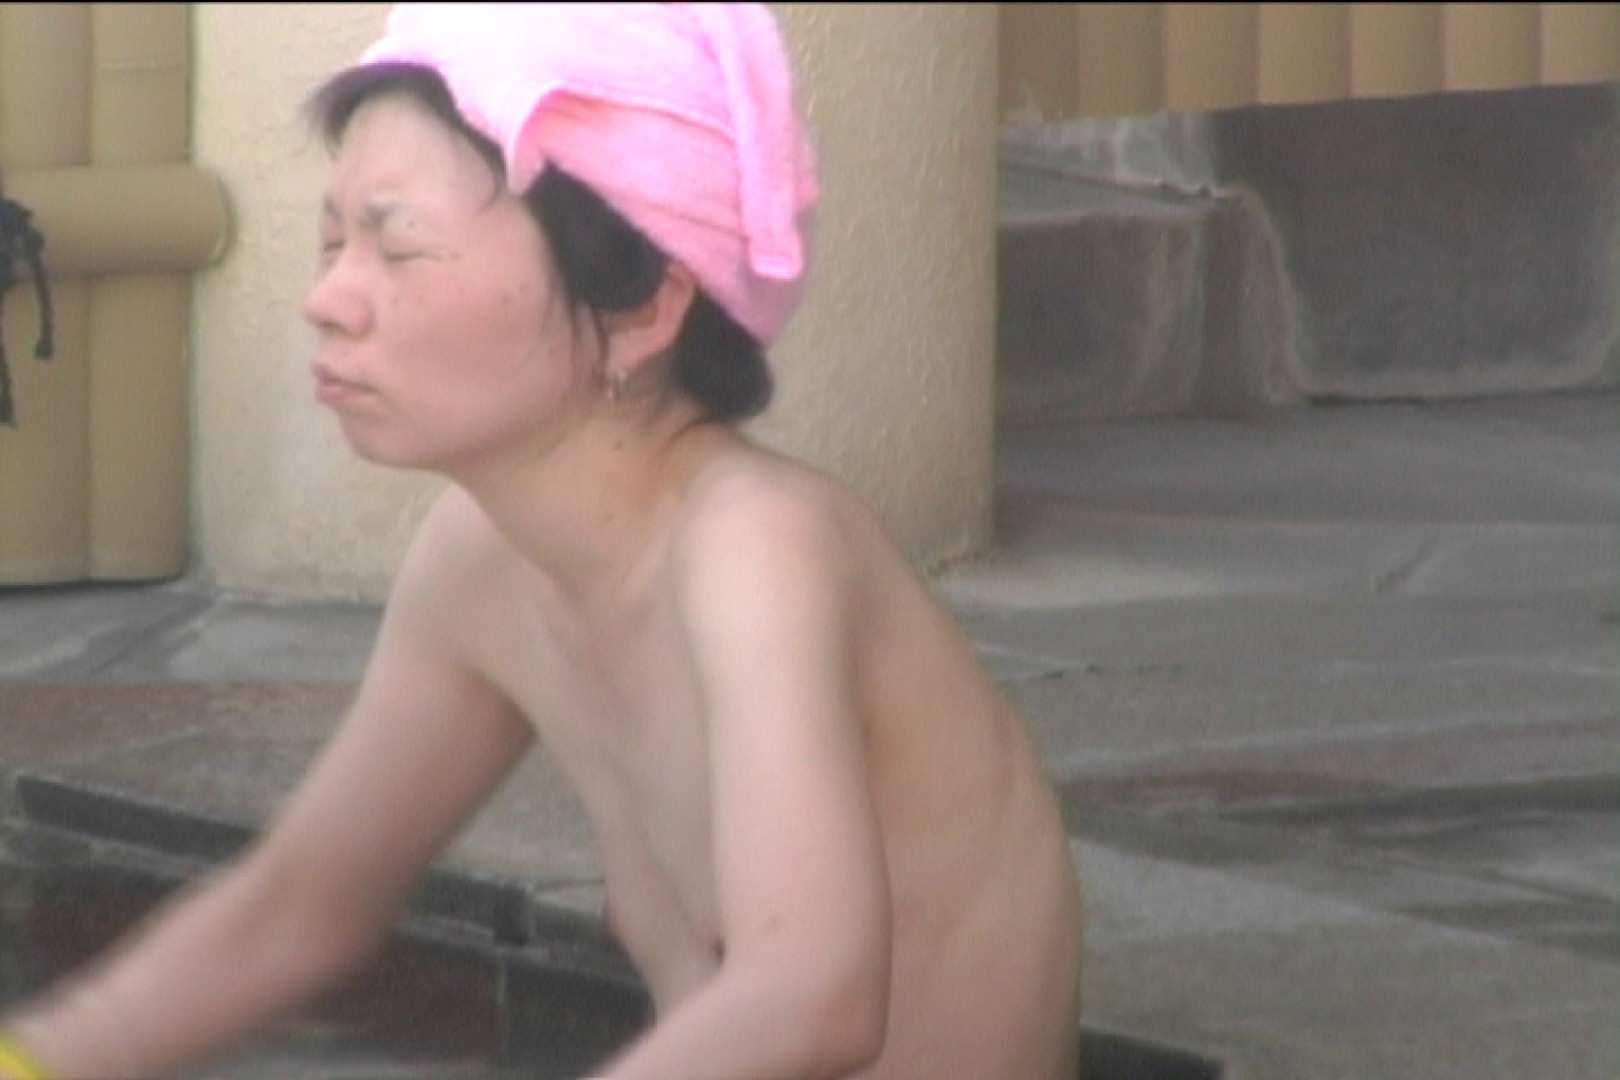 Aquaな露天風呂Vol.525 盗撮 | 露天  53画像 16